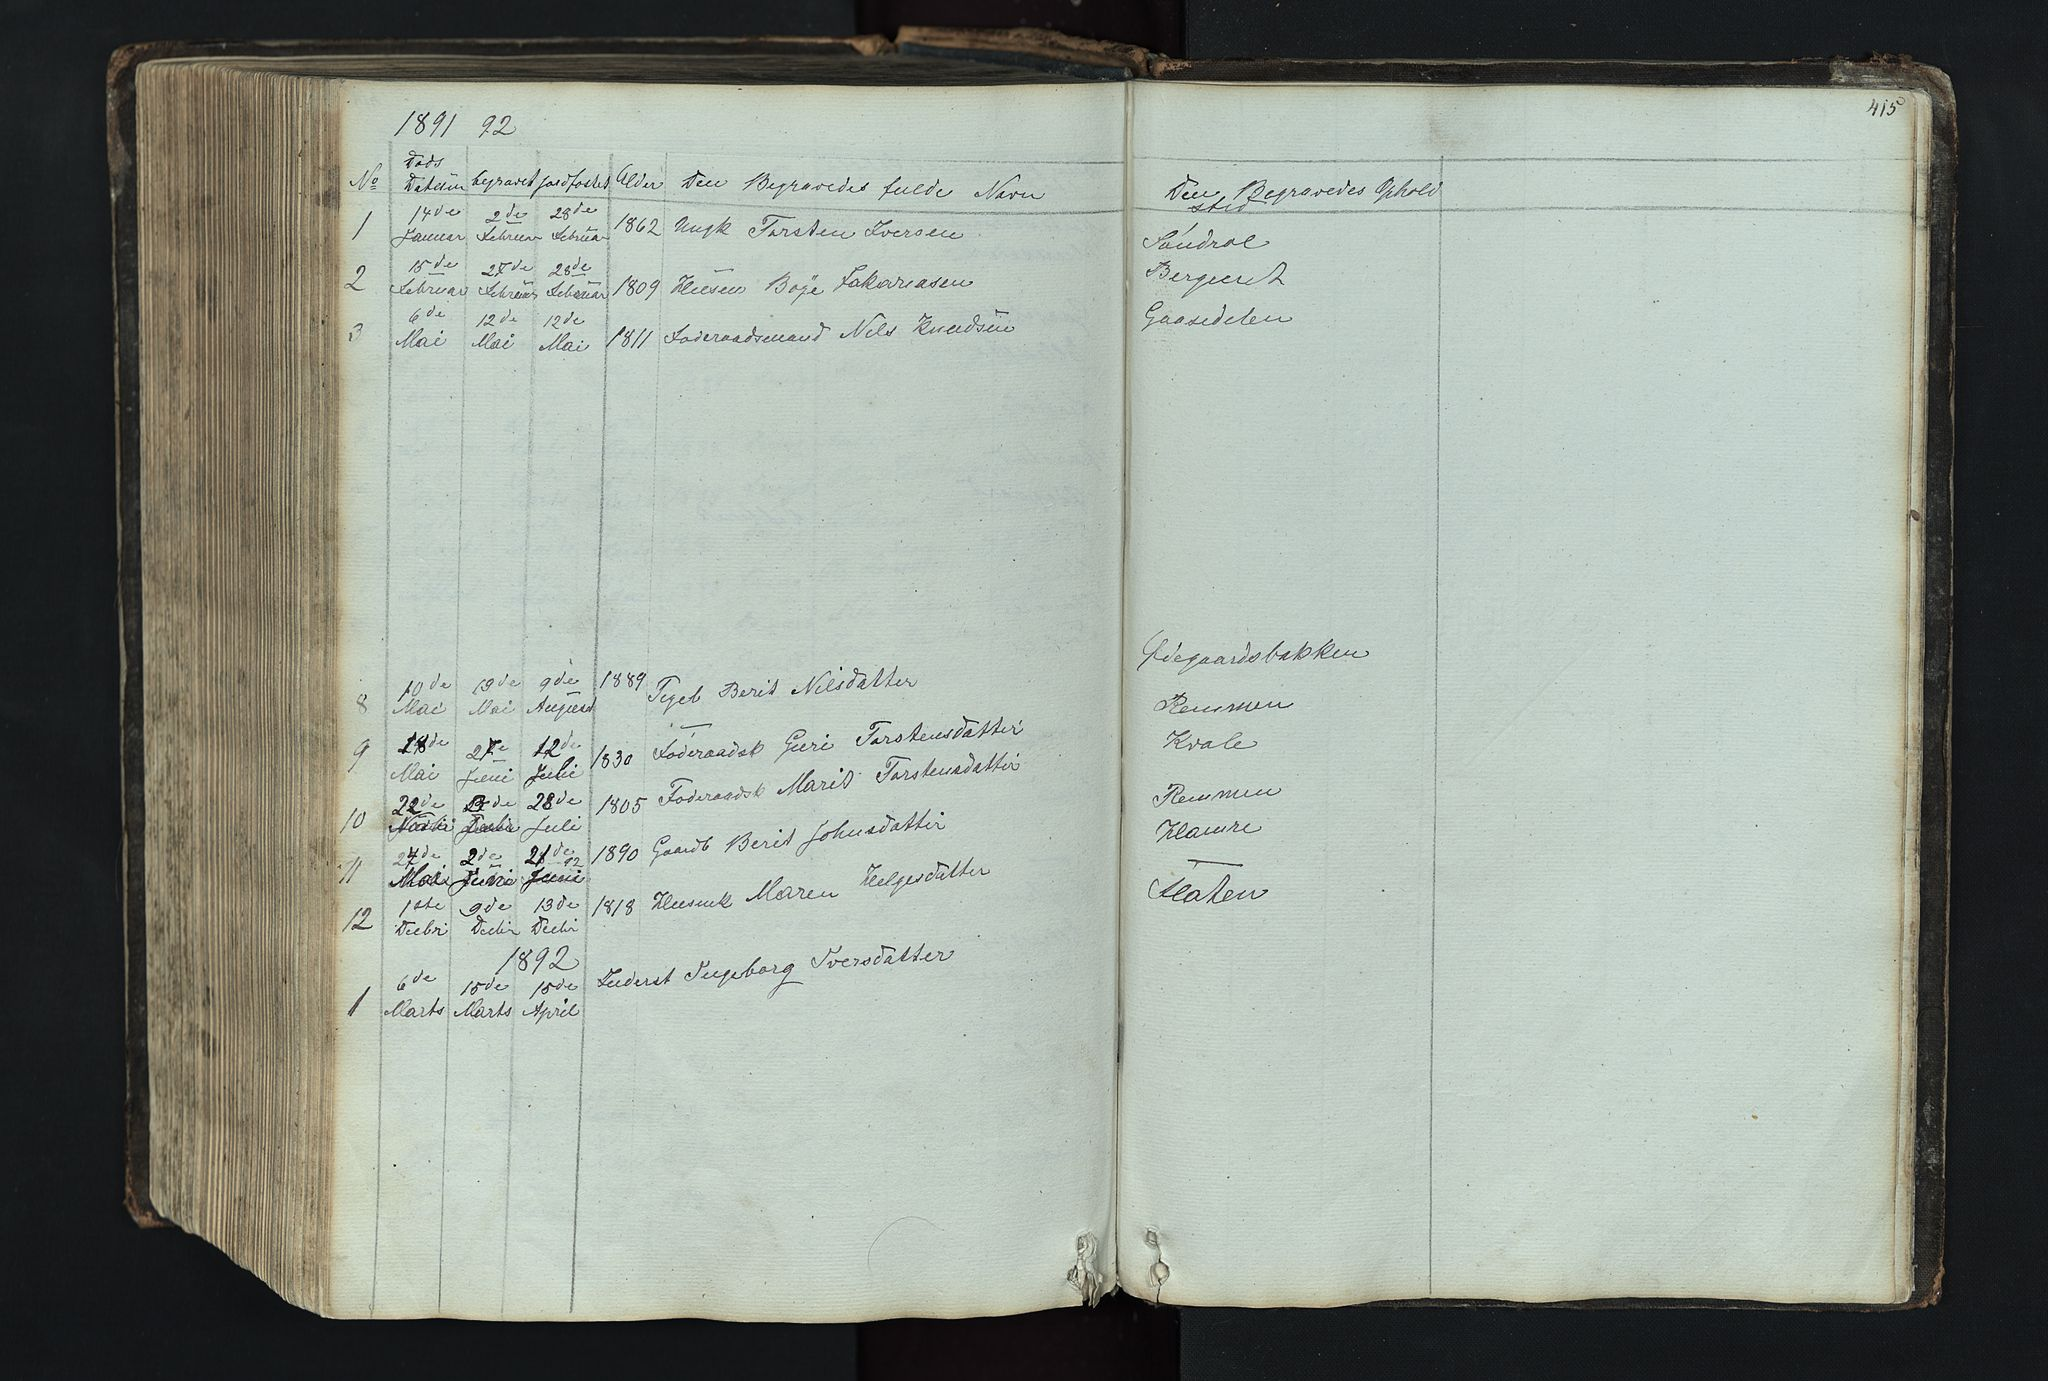 SAH, Vang prestekontor, Valdres, Klokkerbok nr. 4, 1835-1892, s. 415